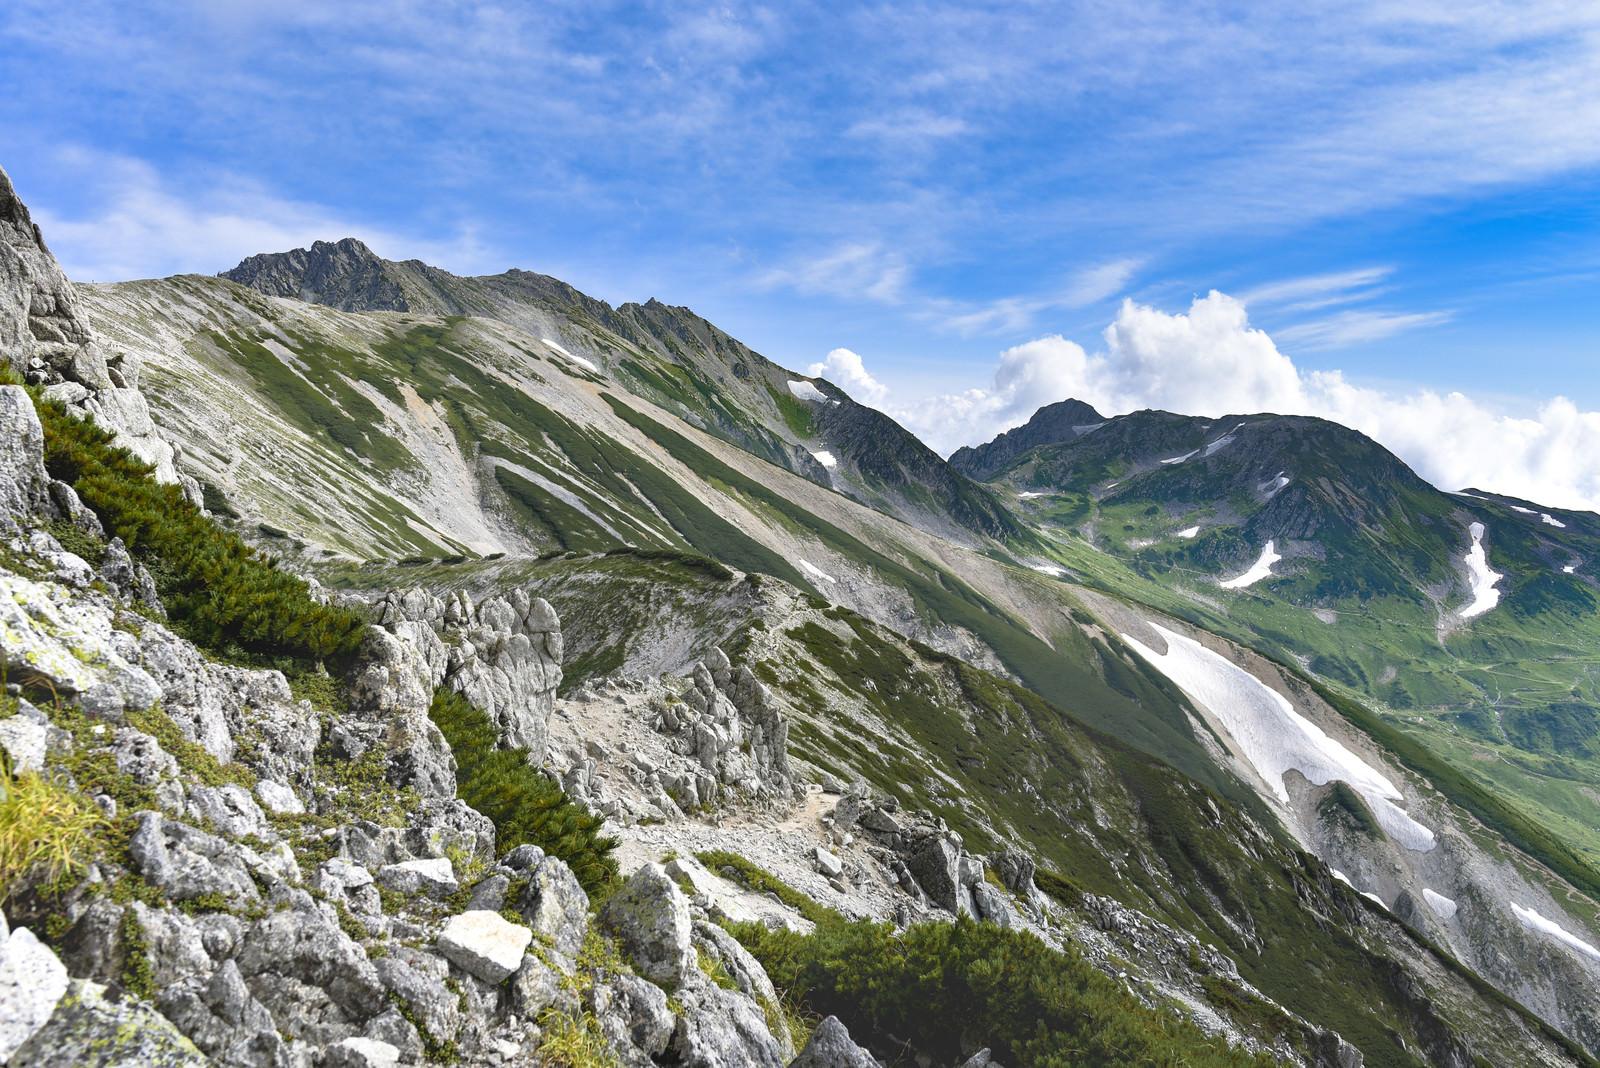 「別山方面から見る立山雄山と浄土山方面の景色」の写真